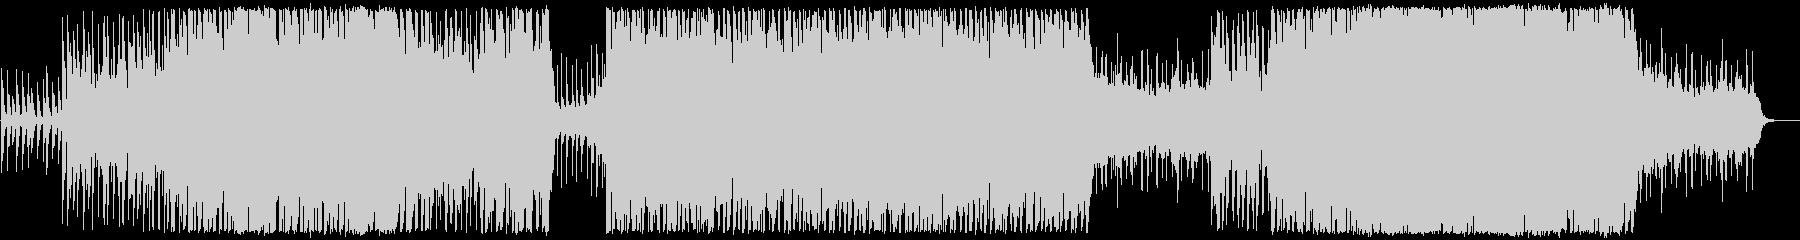 現代の交響曲 劇的な 神経質 エキ...の未再生の波形